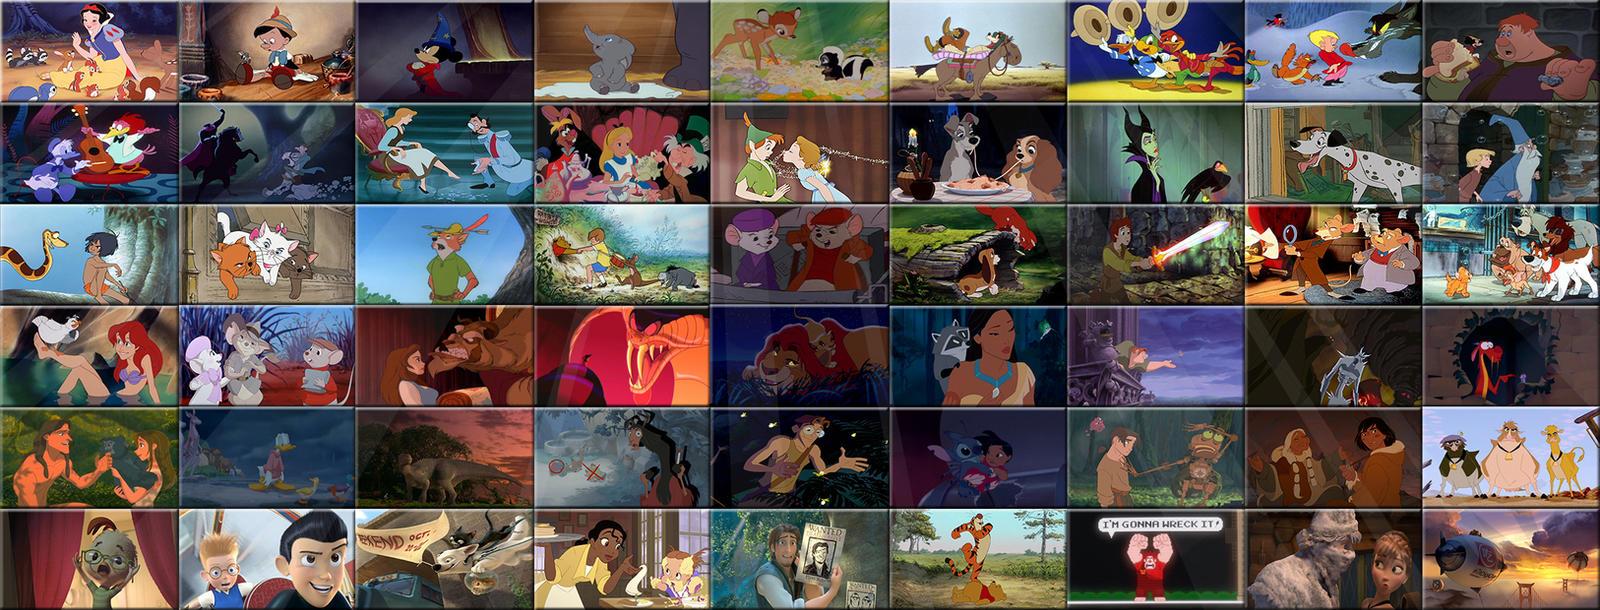 Уолт Дисней мультфильмы и фильмы смотреть онлайн бесплатно